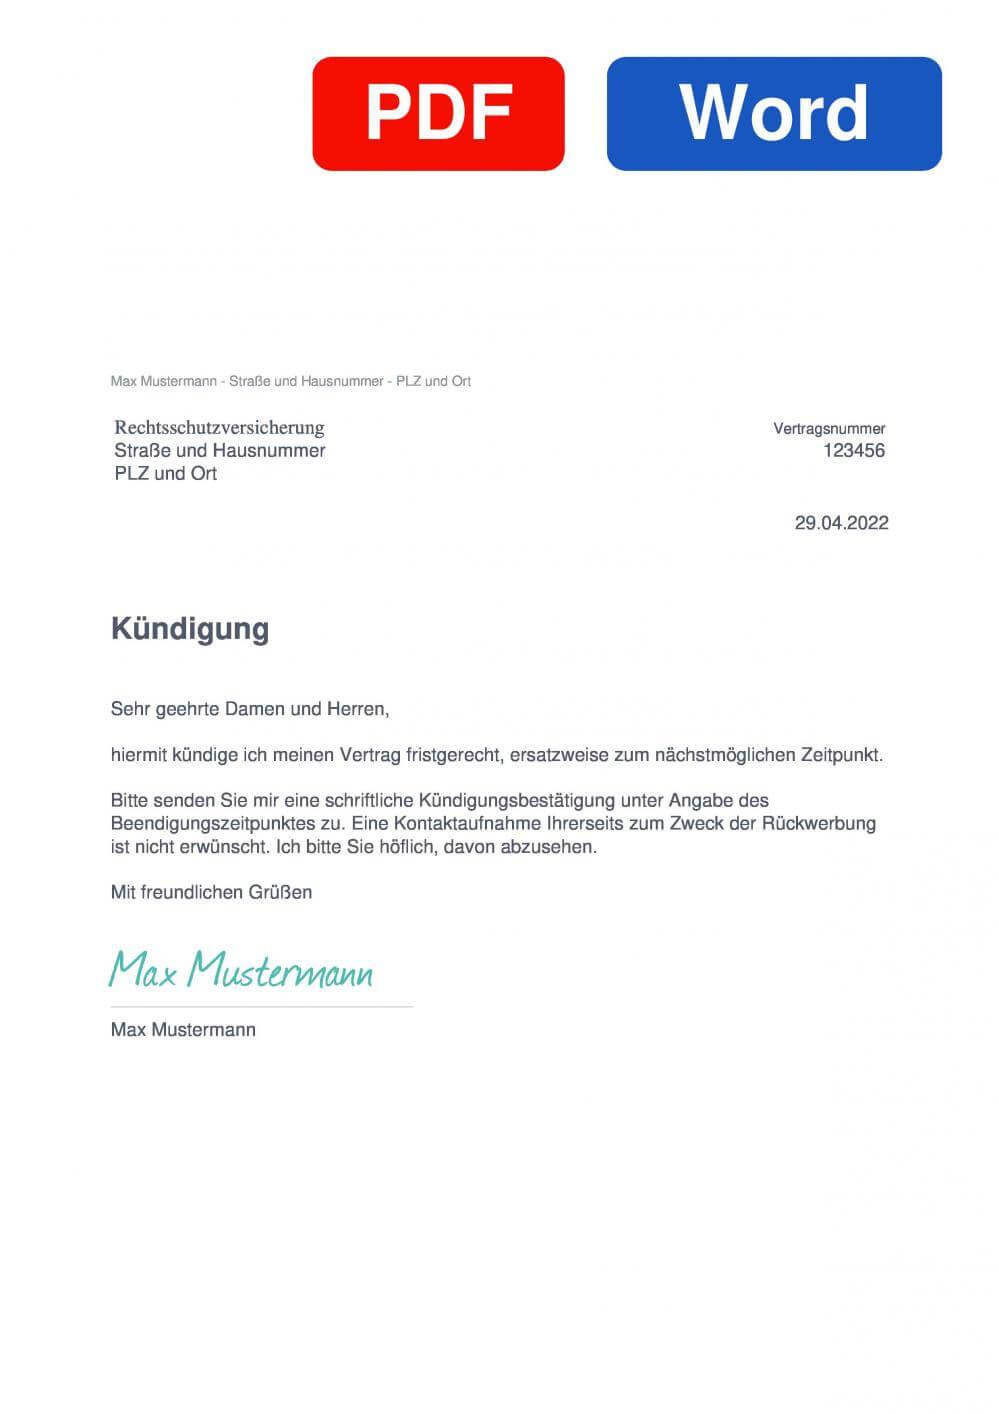 Rechtsschutzversicherung Muster Vorlage für Kündigungsschreiben